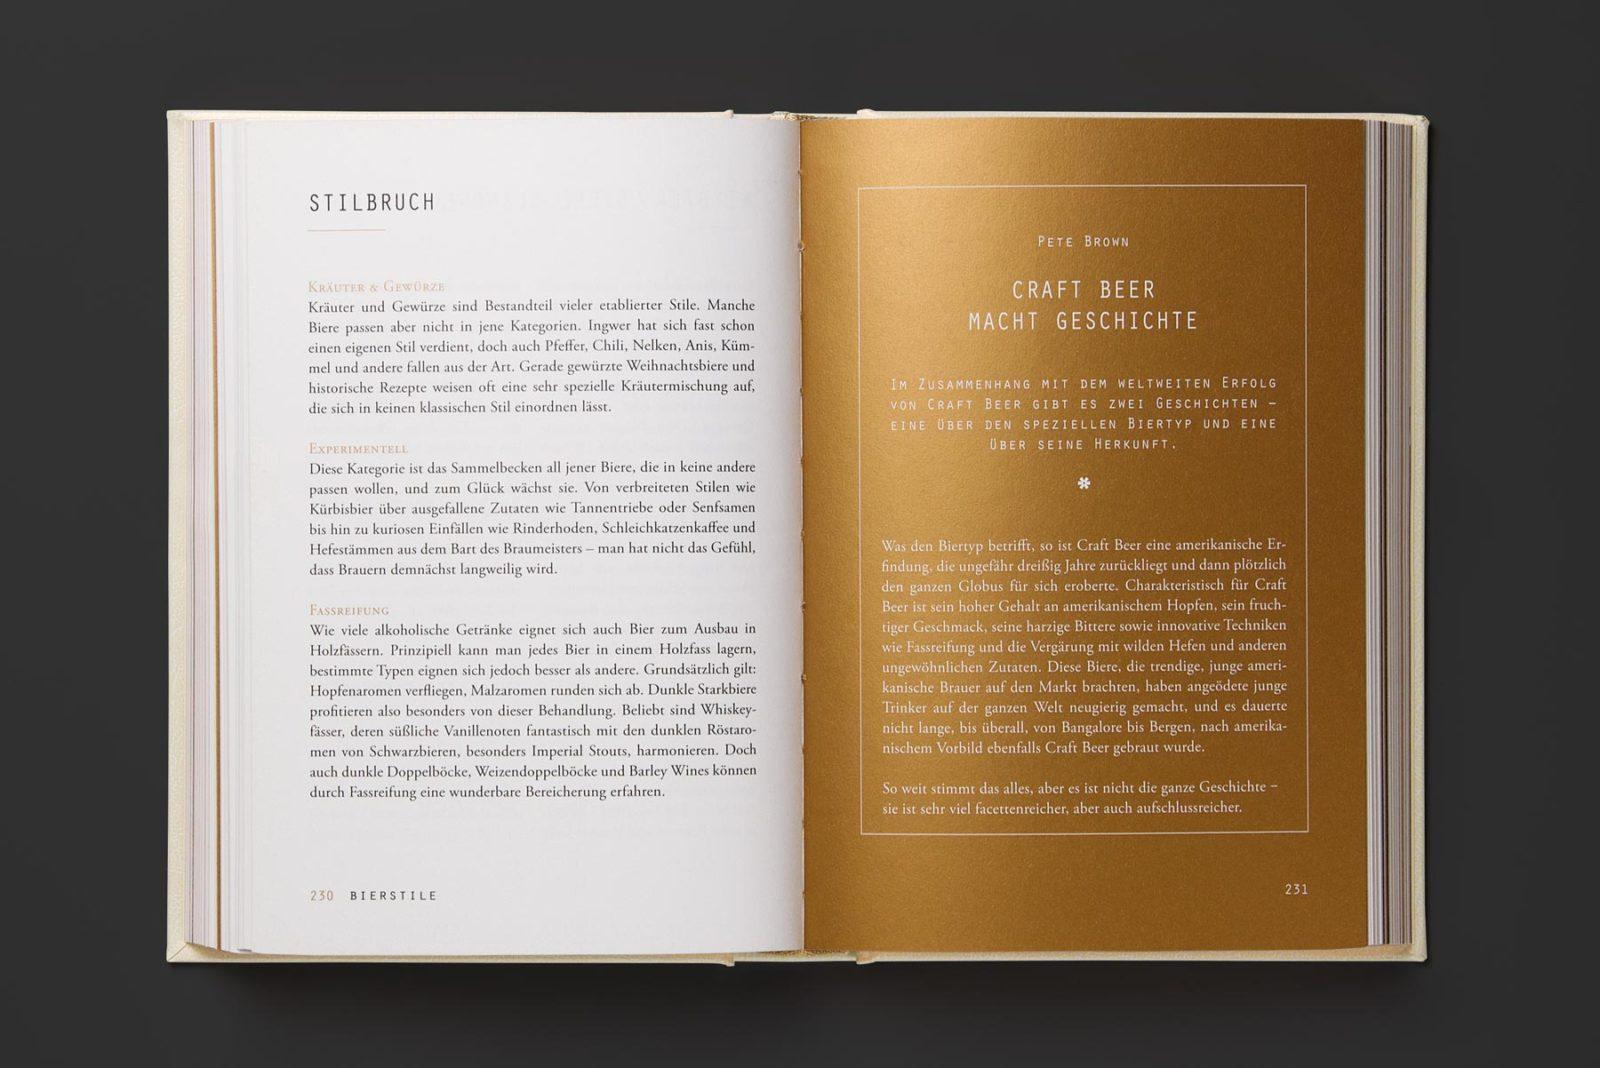 Editienne Grafikdesign - Kommunikationsdesign Berlin- Buchgestaltung Cocktailian 3- Bier&Craft 39